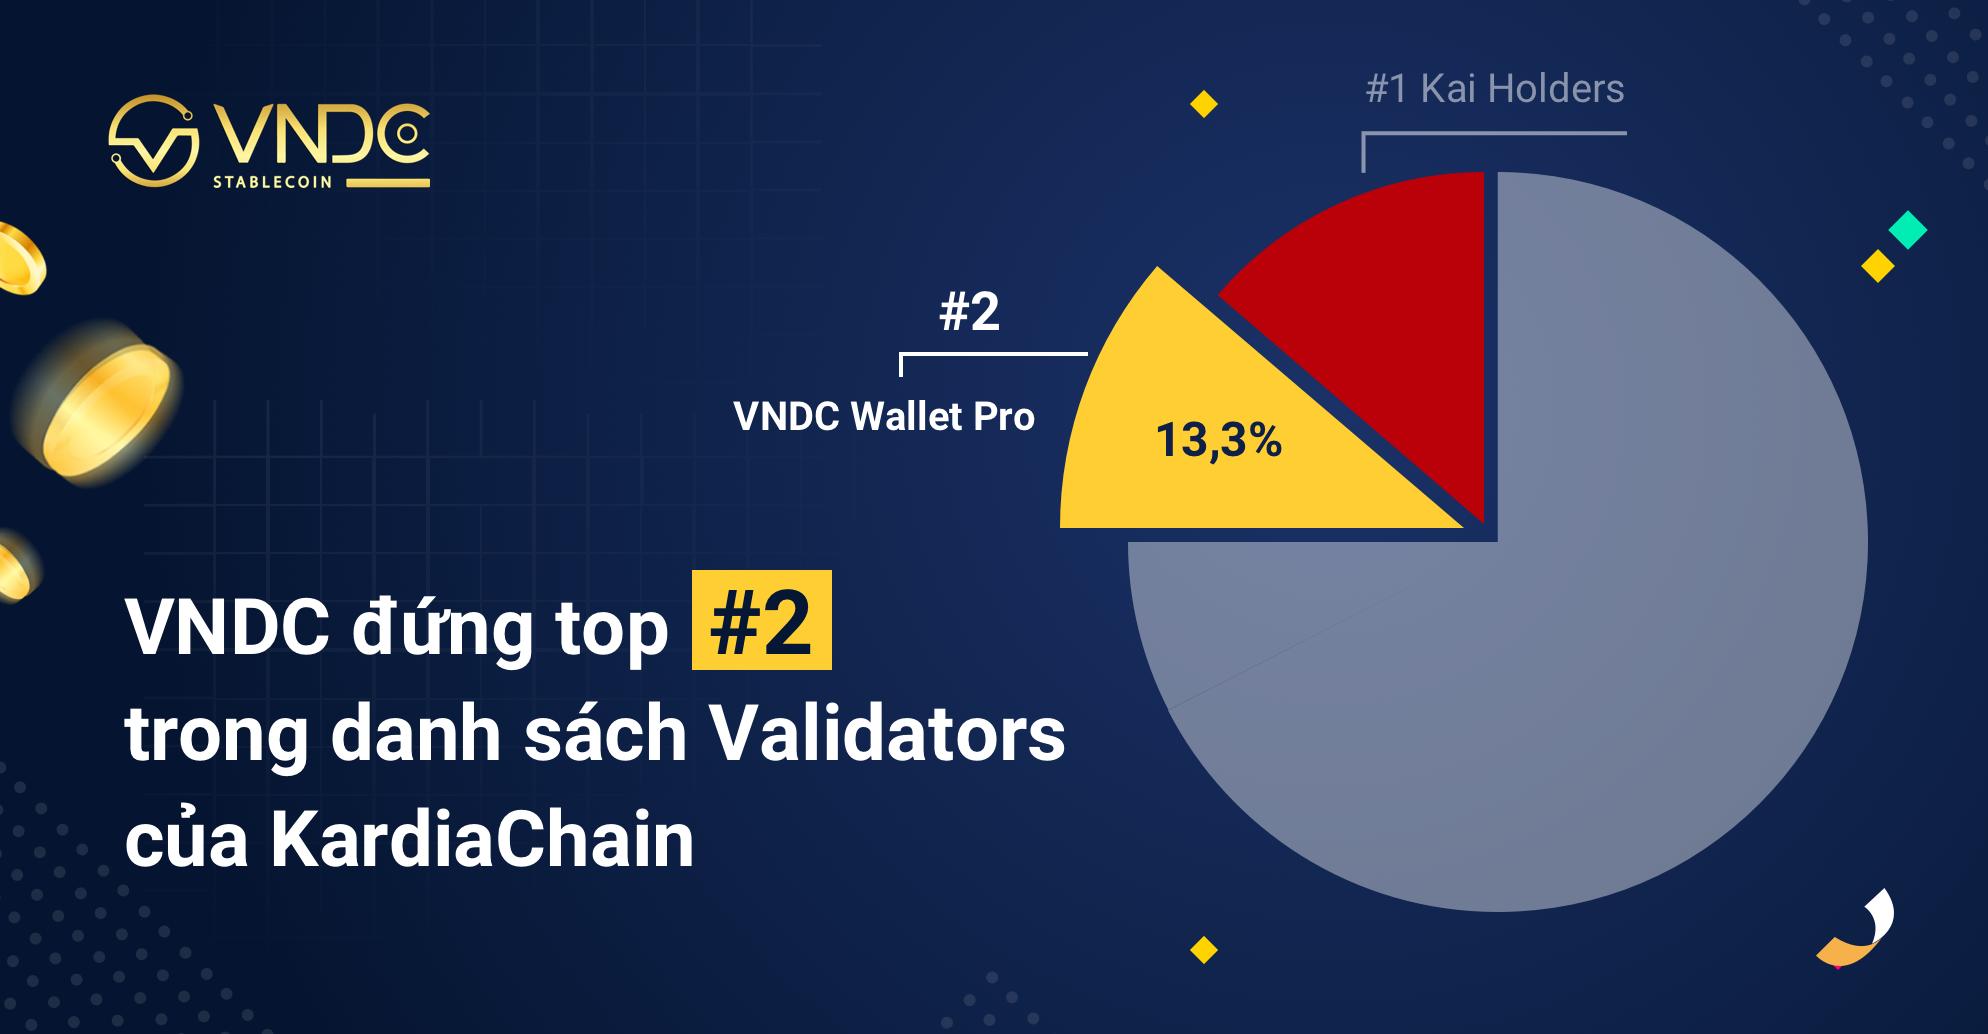 VNDC đứng top #2 trong danh sách Validators của KardiaChain